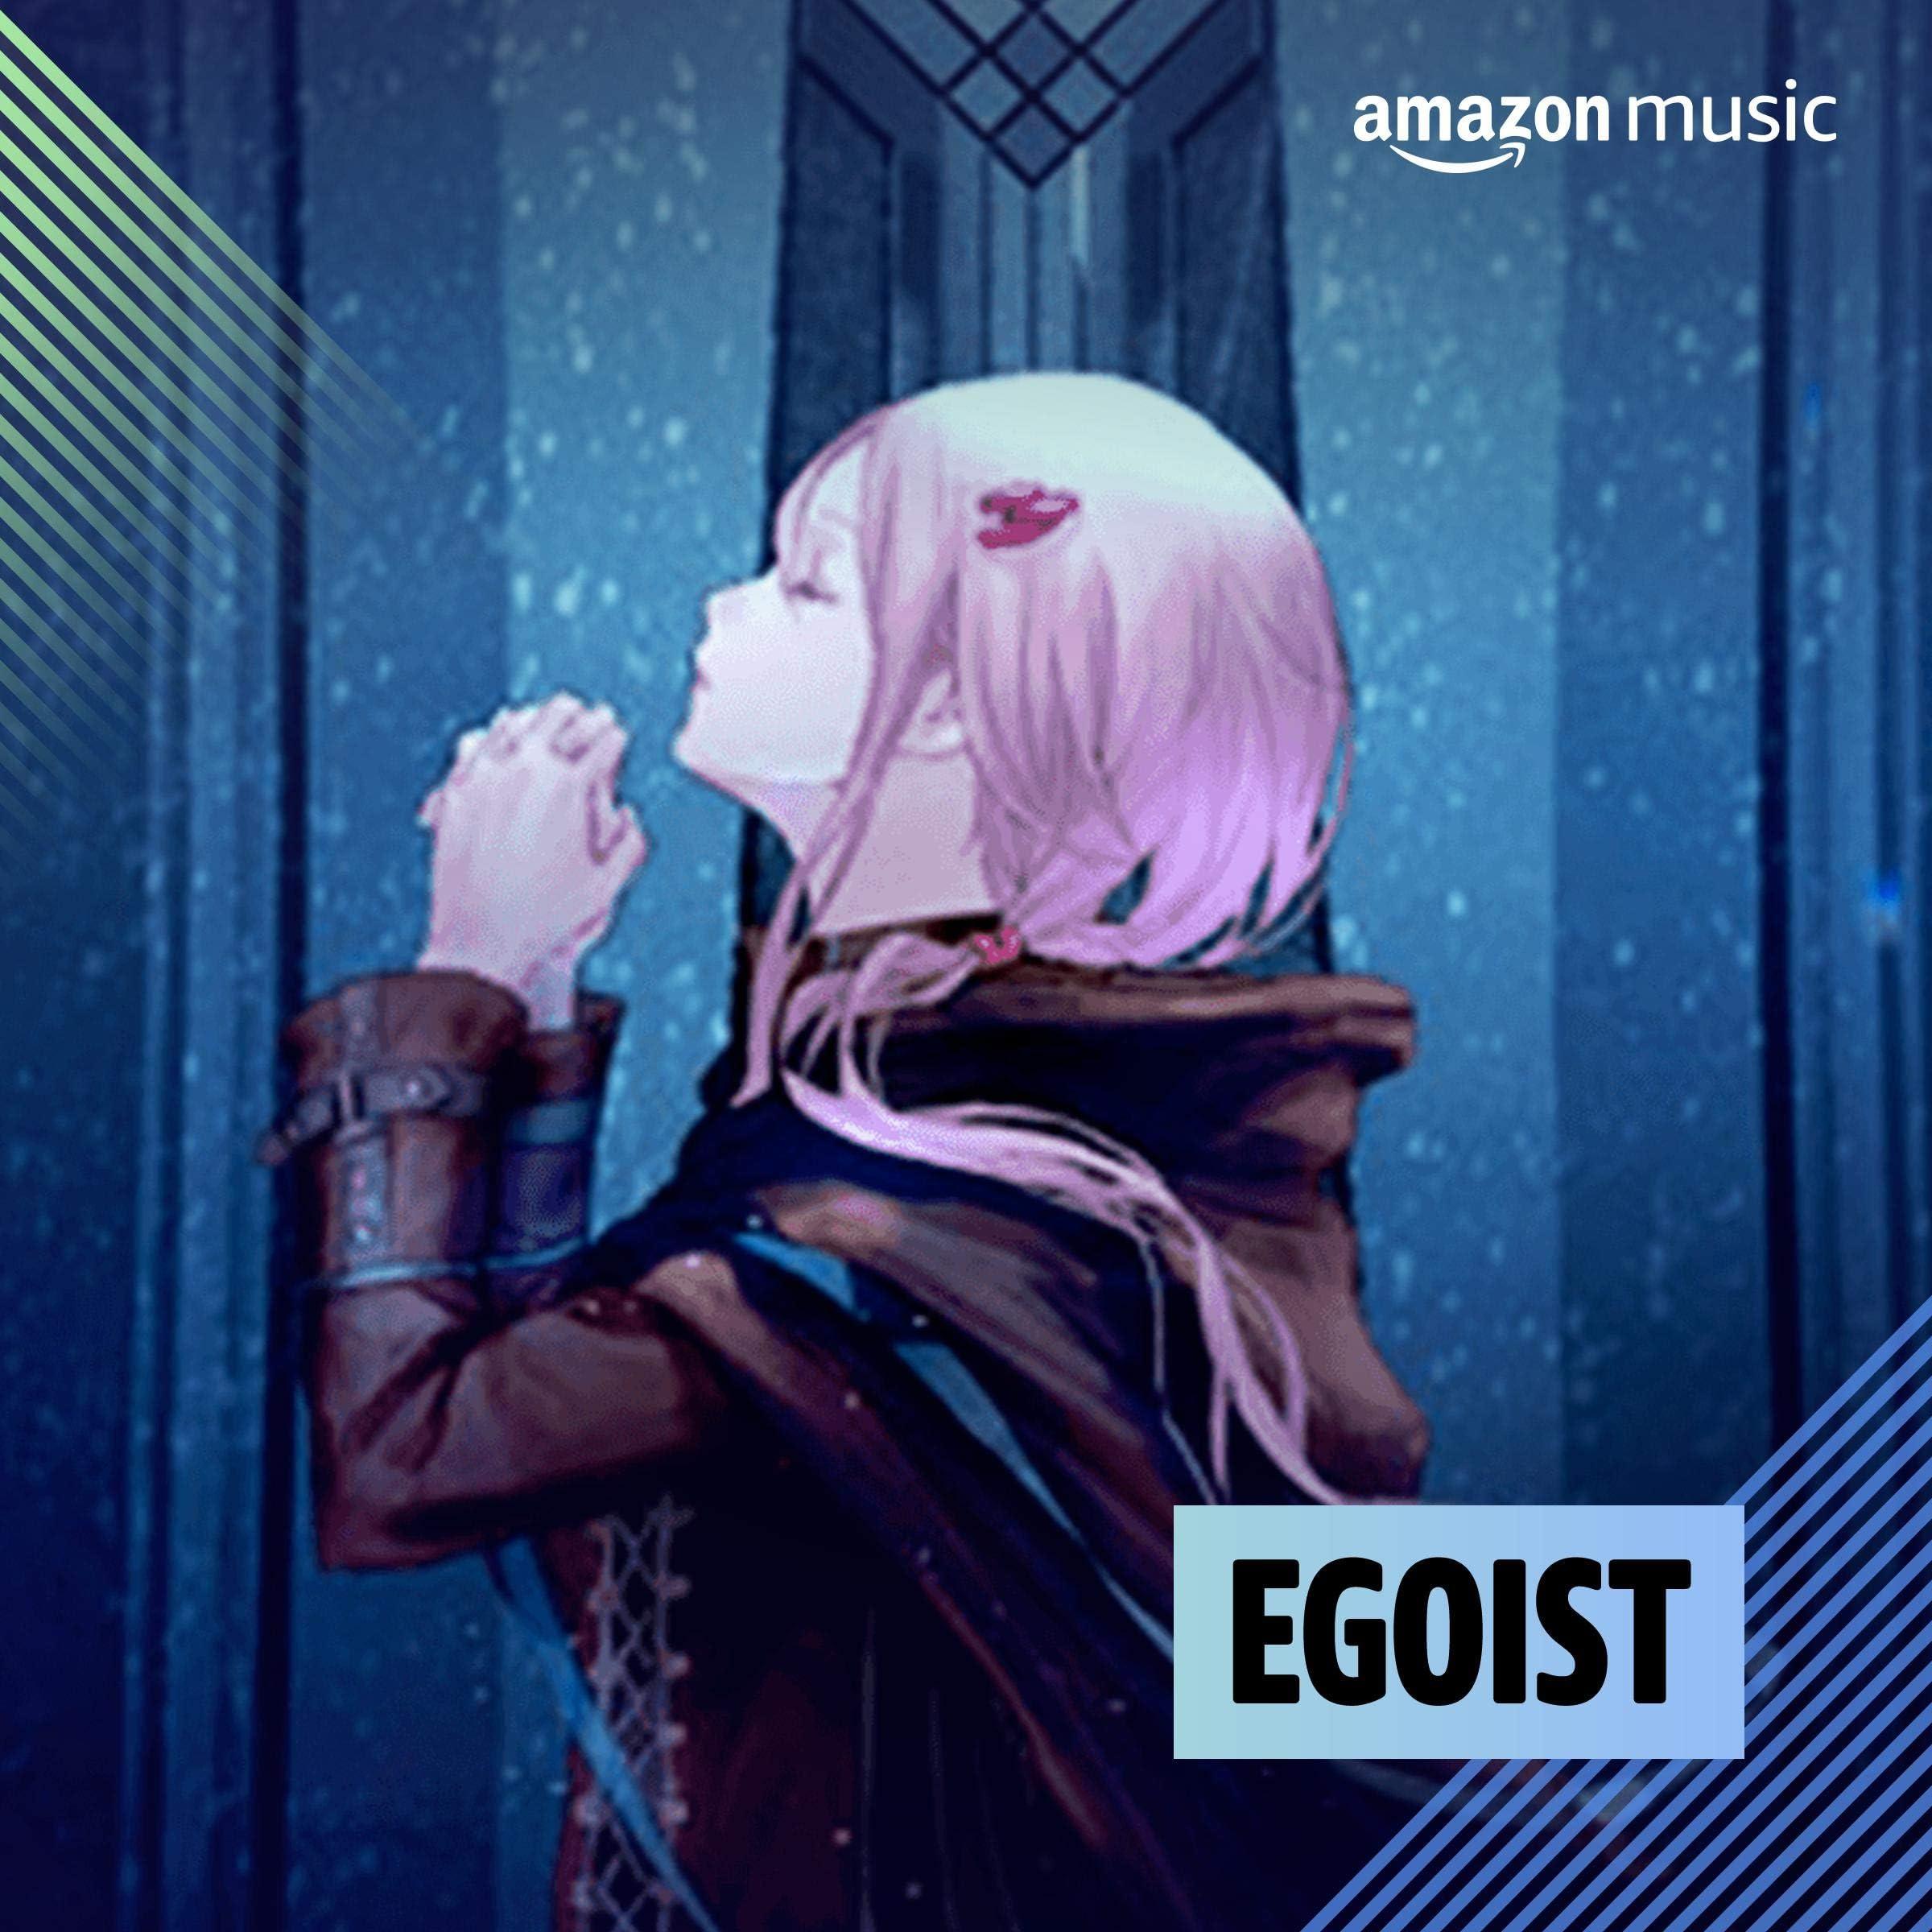 EGOISTを聴いているお客様におすすめ